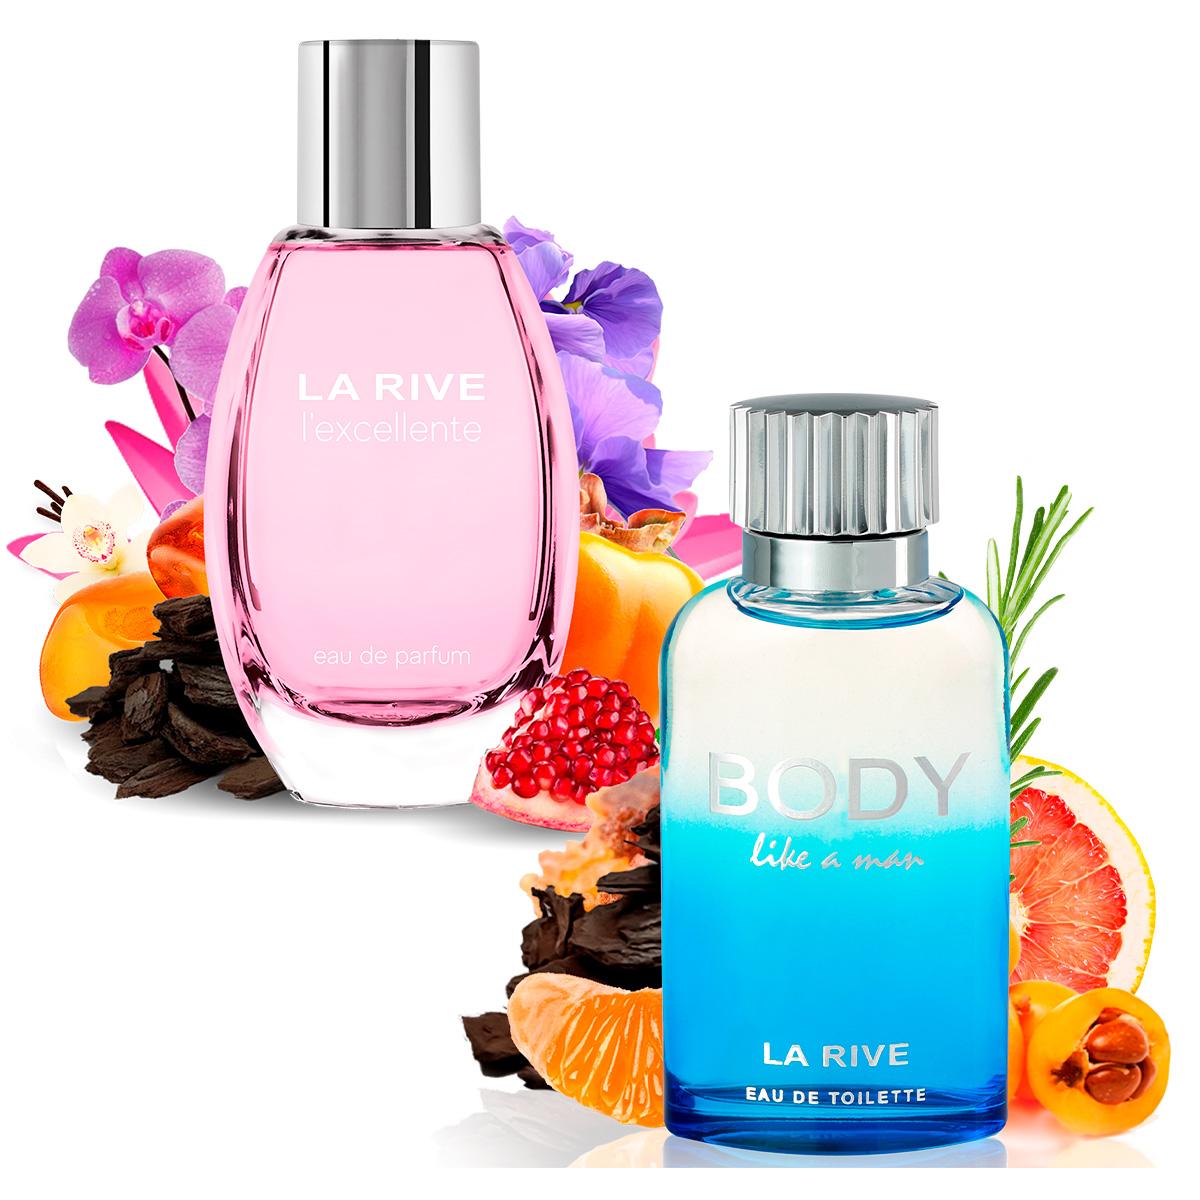 Kit 2 Perfumes, Lexcellente e Body Like a Man La Rive